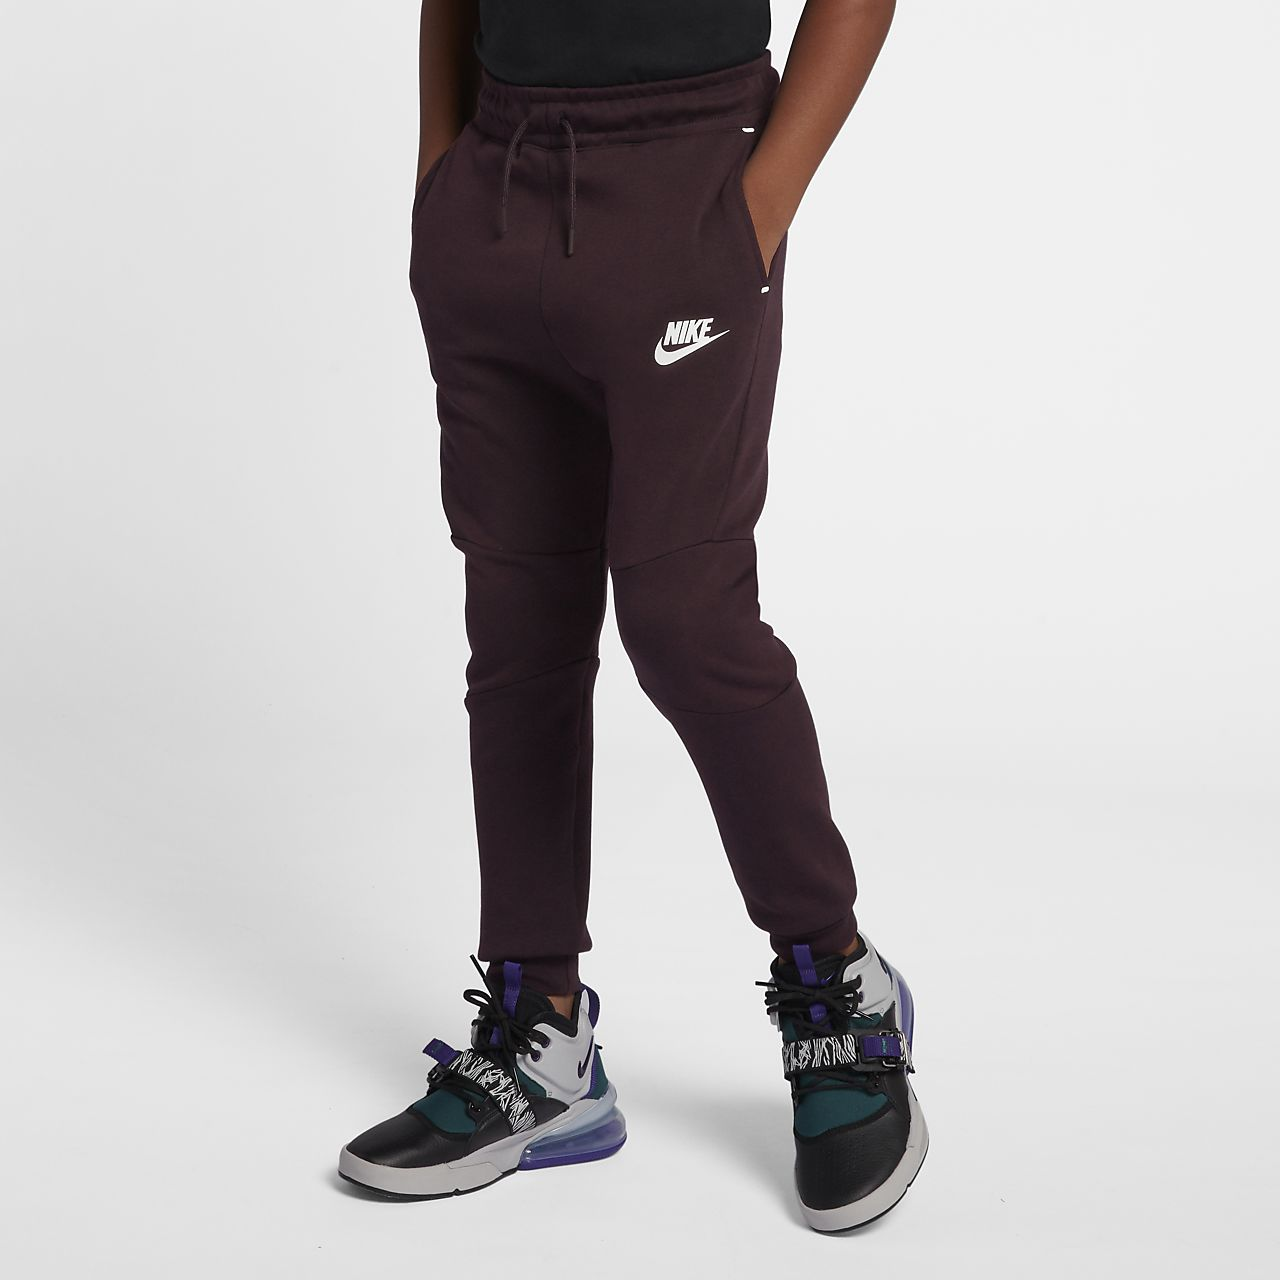 KinderDe Nike Für Tech Hose Sportswear Fleece Ältere mnN8v0w